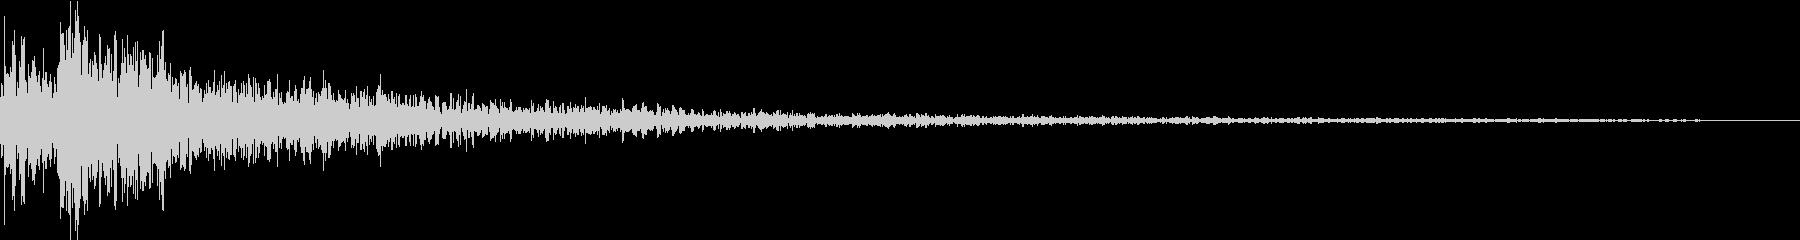 Taiko 開始の合図 和太鼓 残響深めの未再生の波形